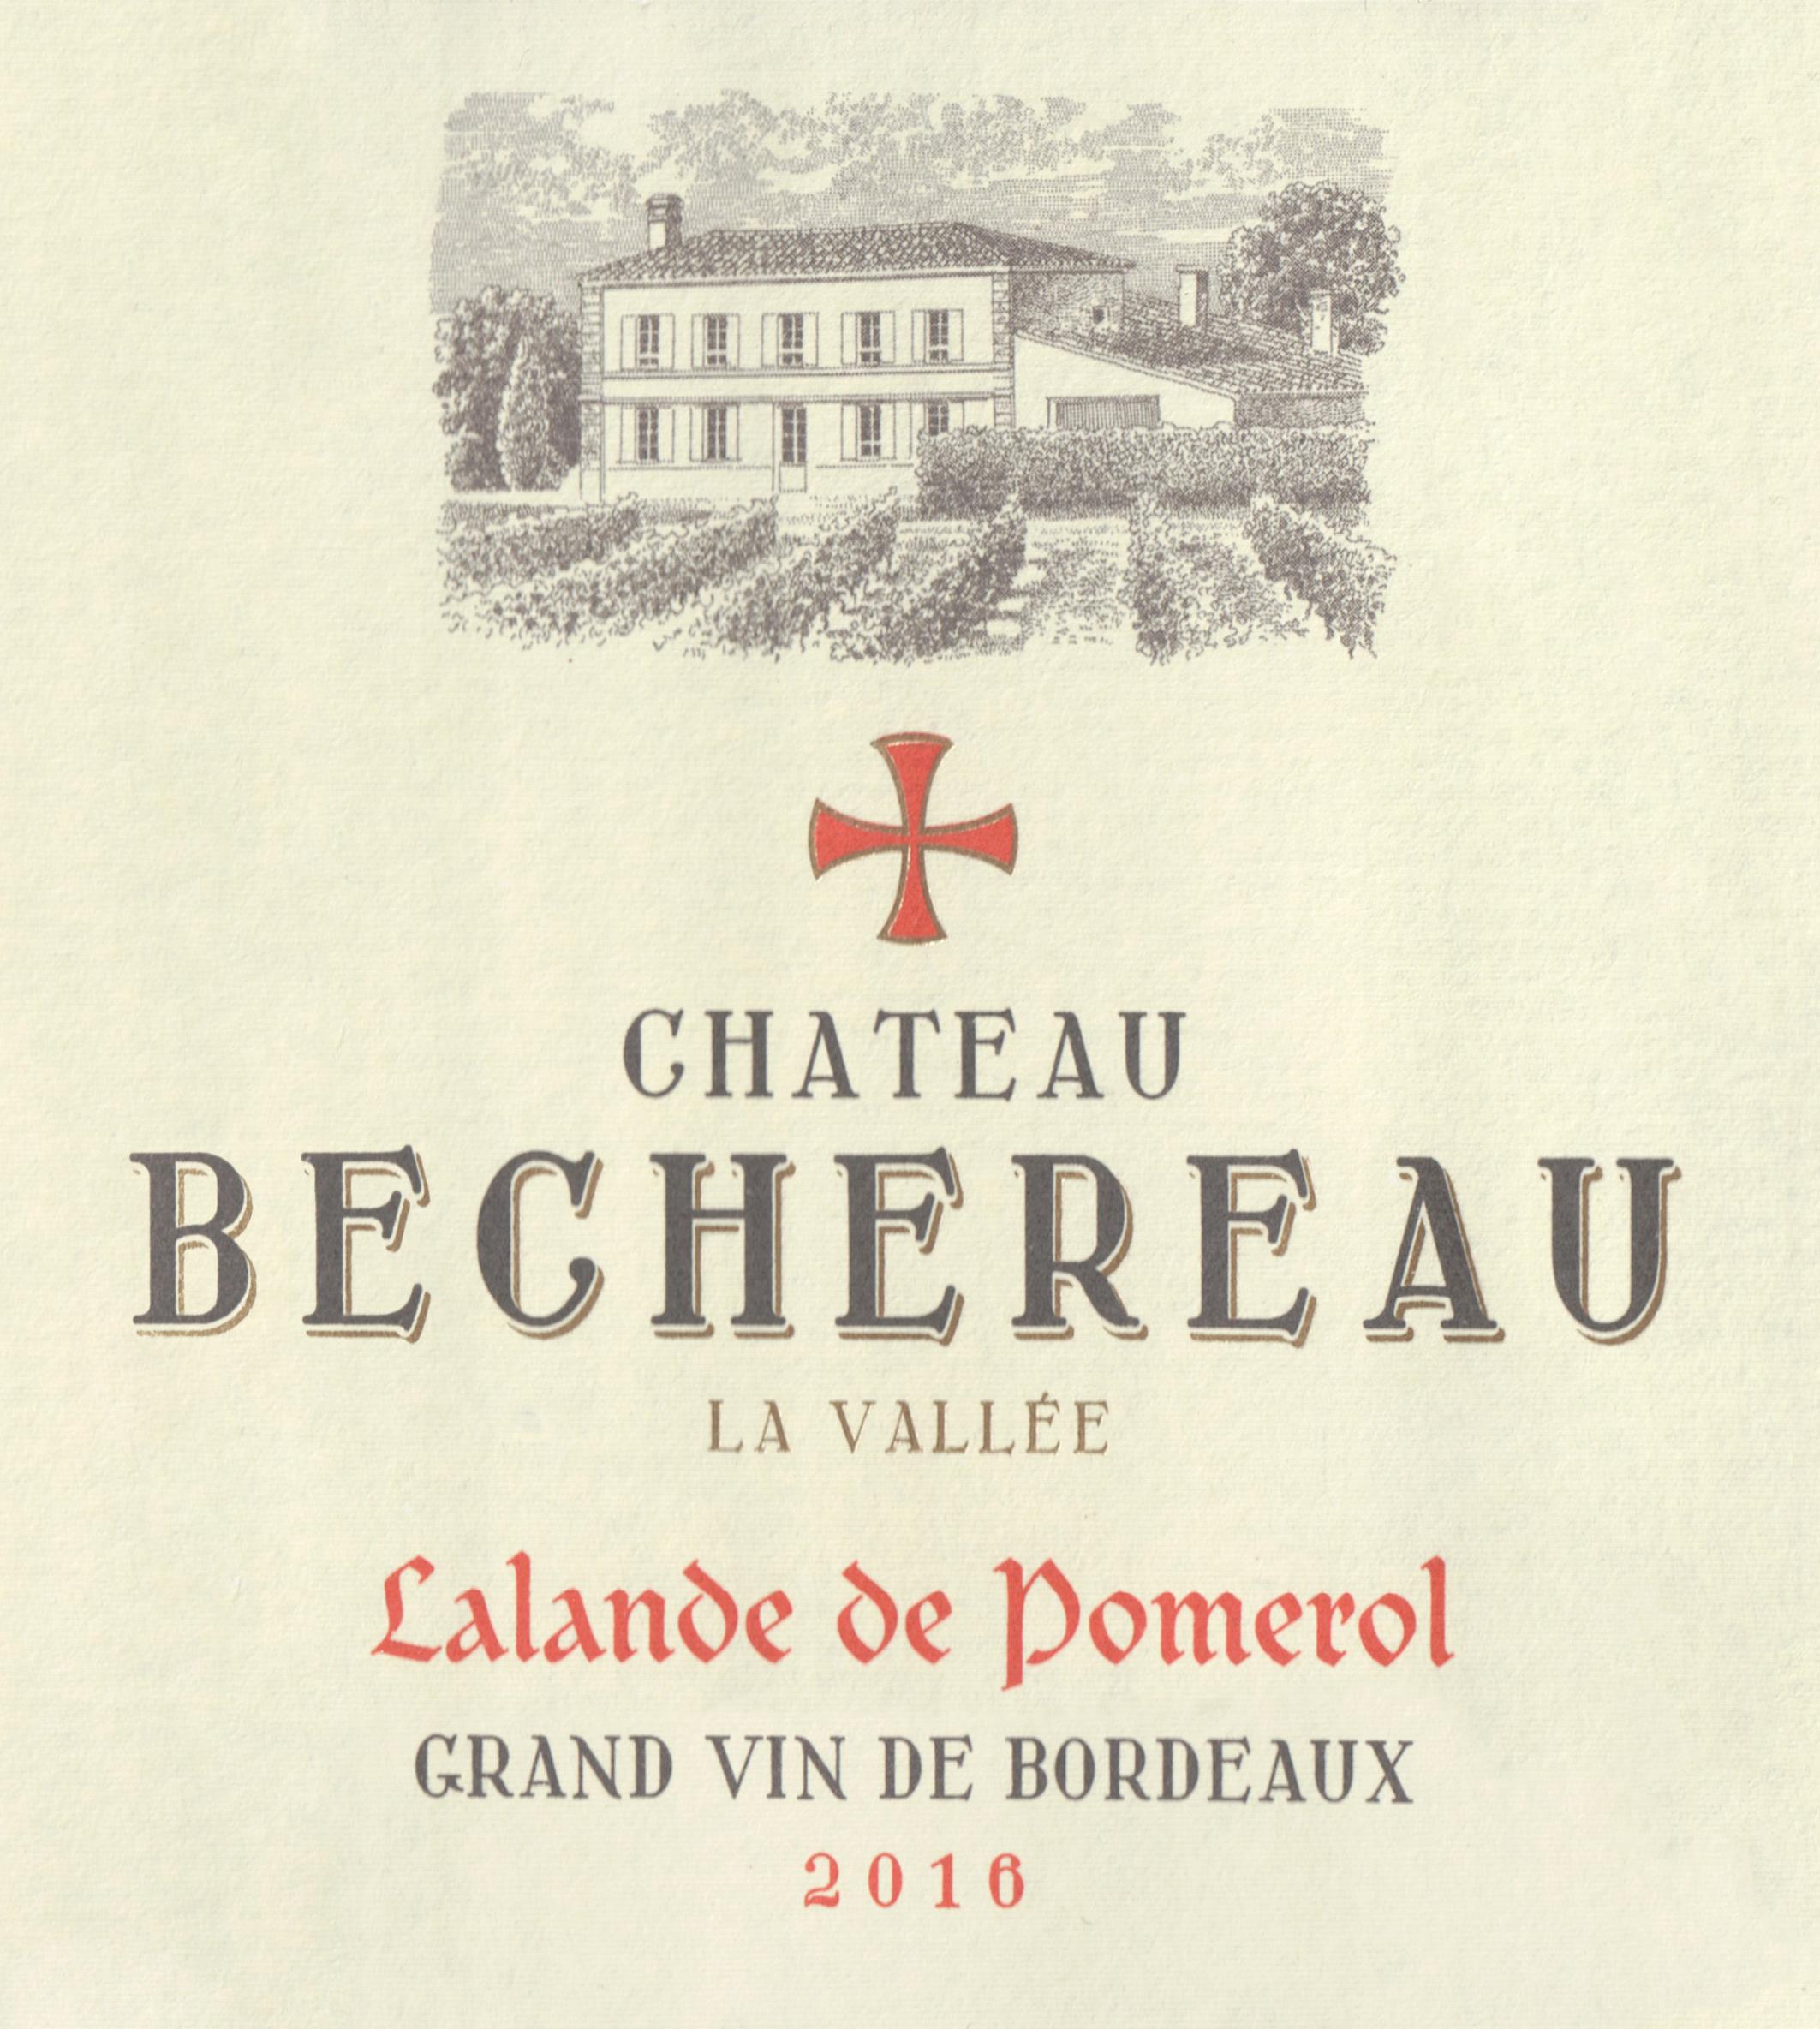 Chateau Bechereau Lalande De Pomerol 2016